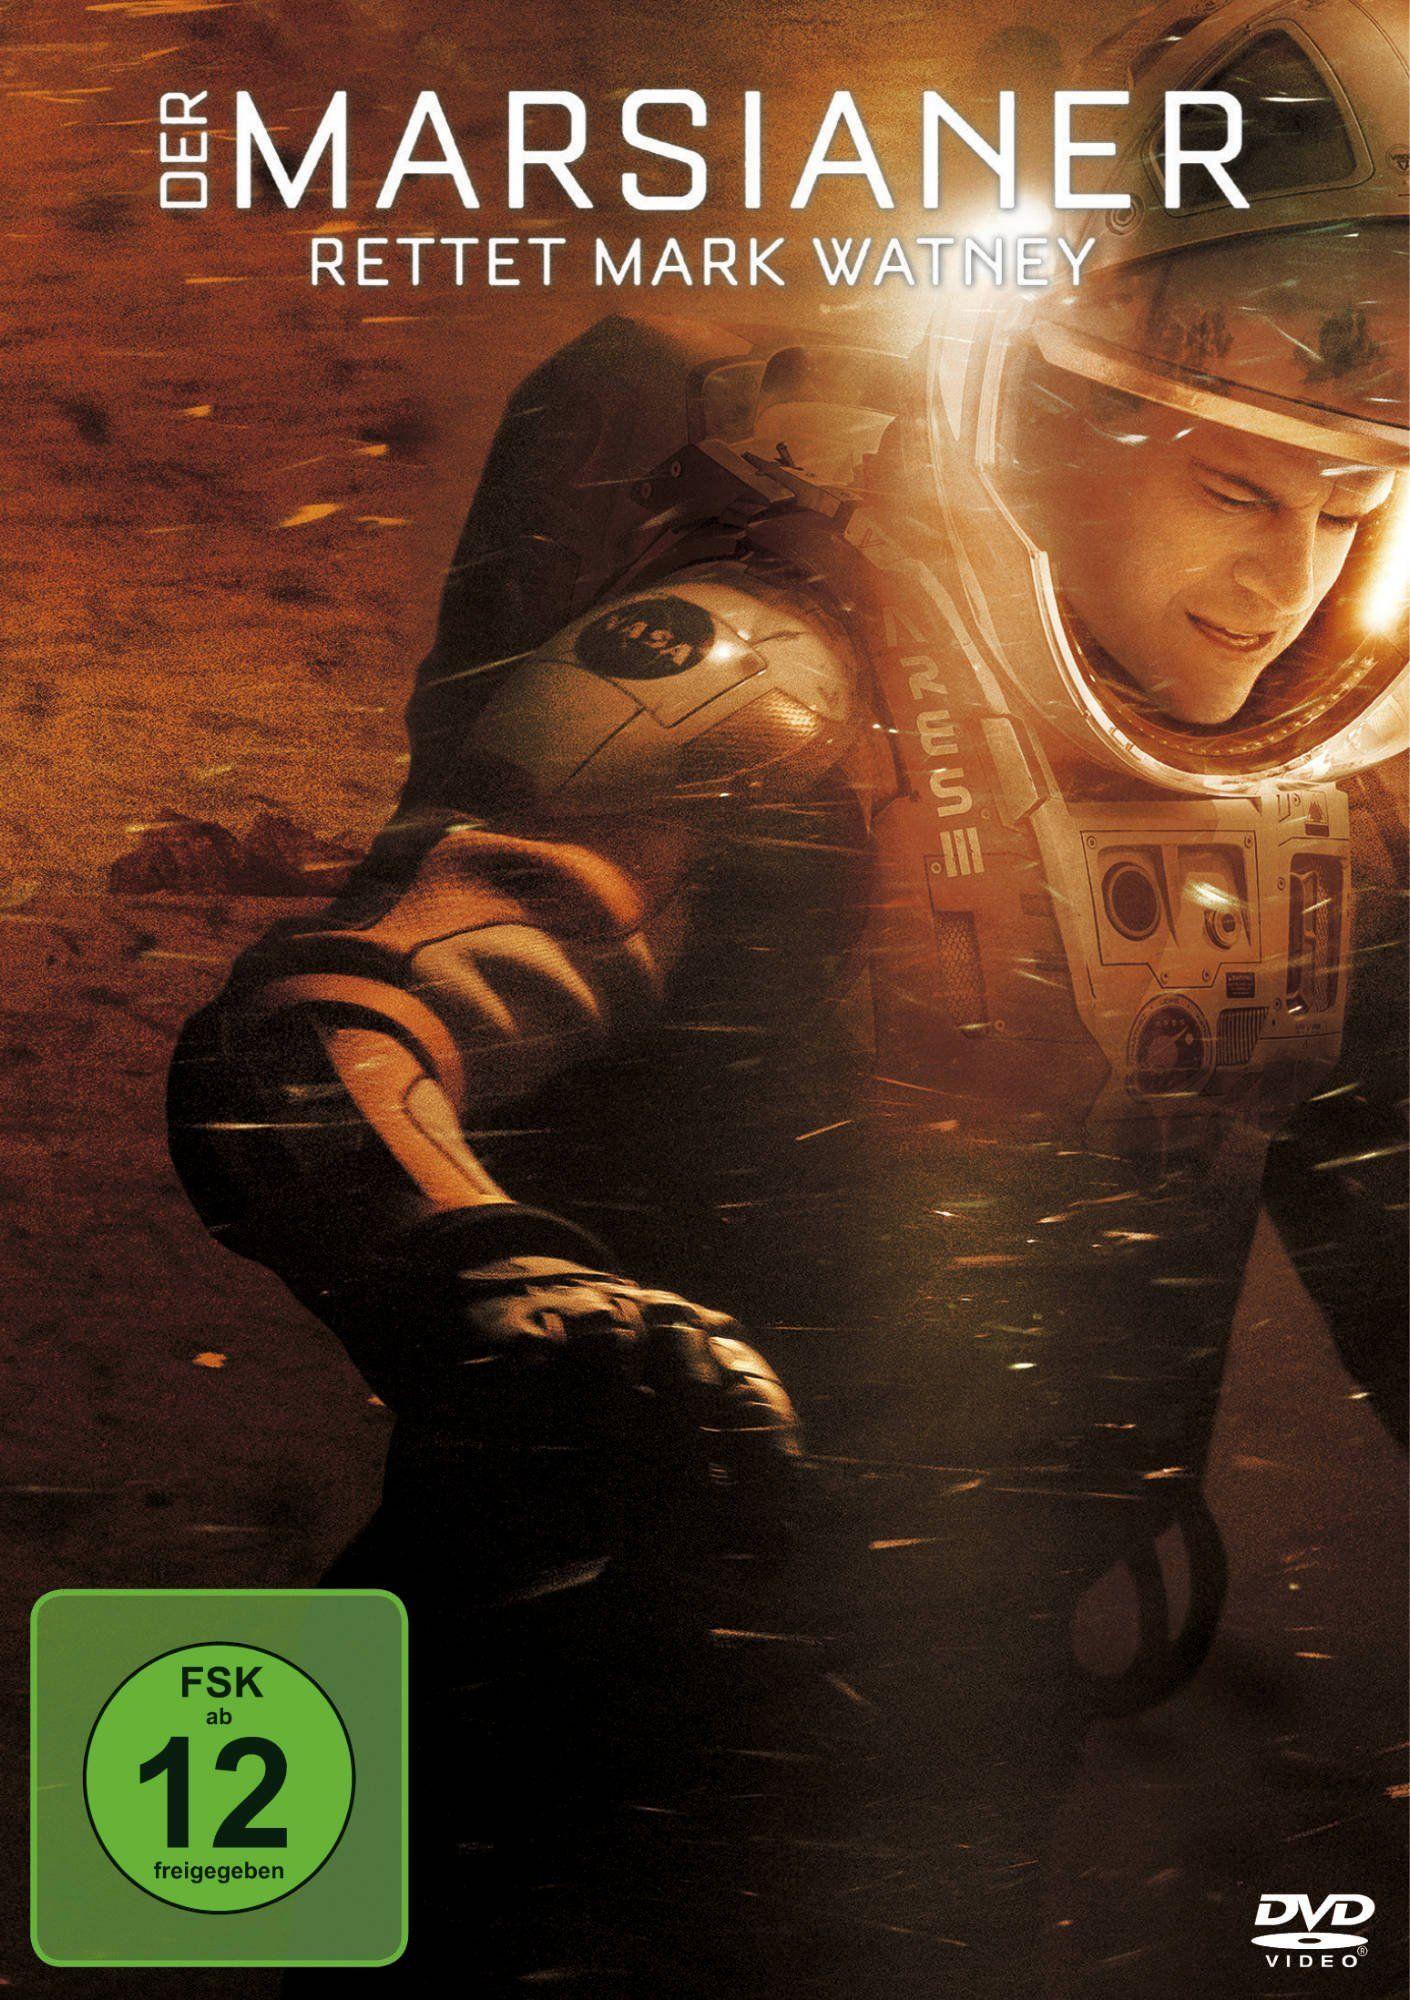 Der Marsianer Rettet Mark Watney Amazon De Matt Damon Dvd Blu Ray Der Marsianer Matt Damon Filme